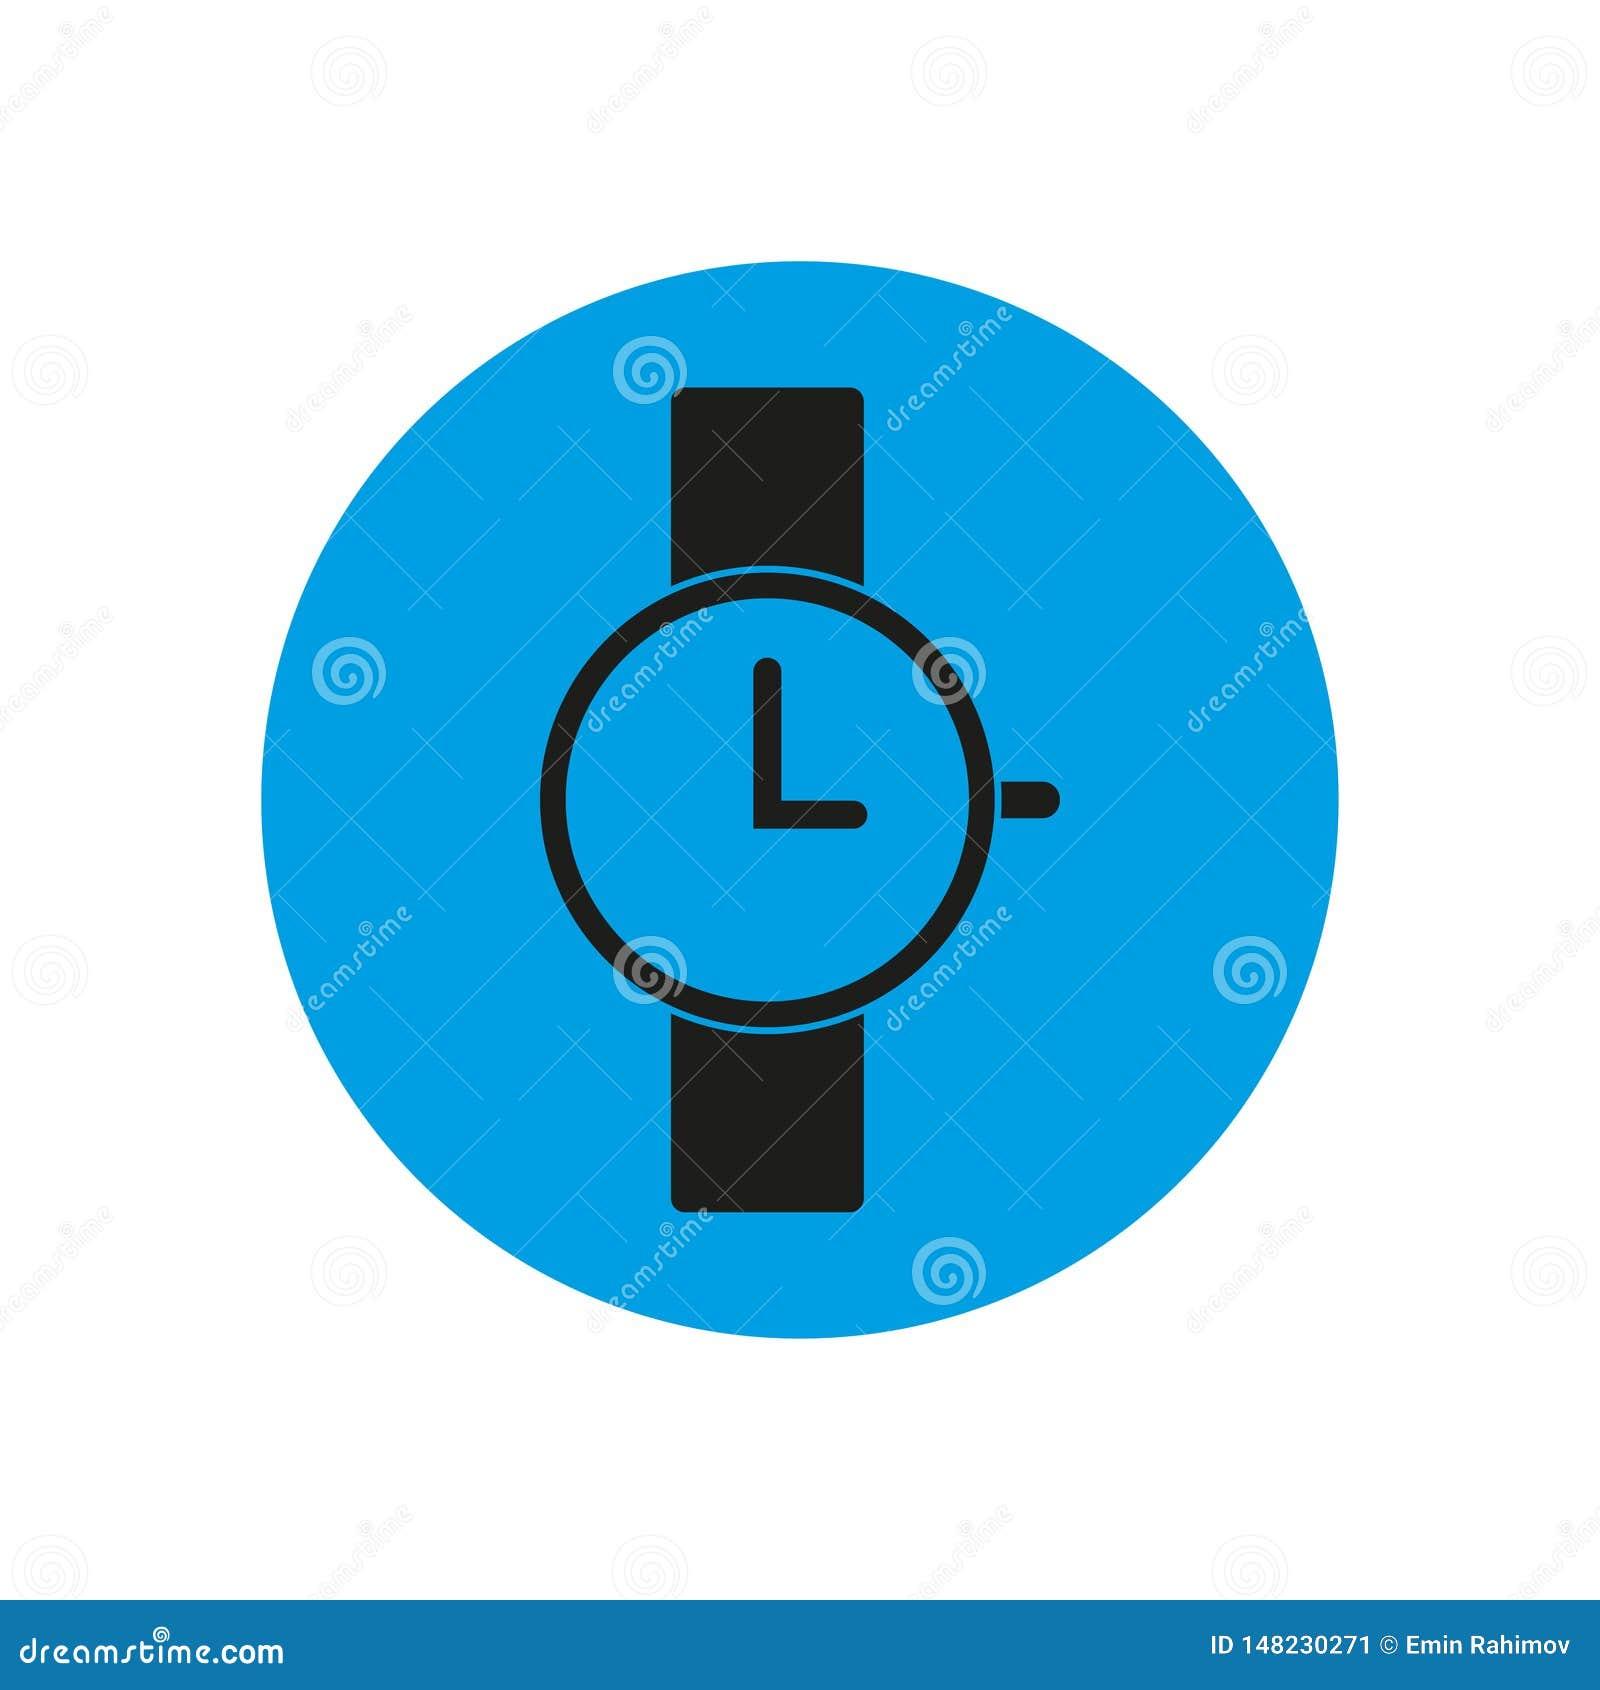 Icono del reloj en círculo azul